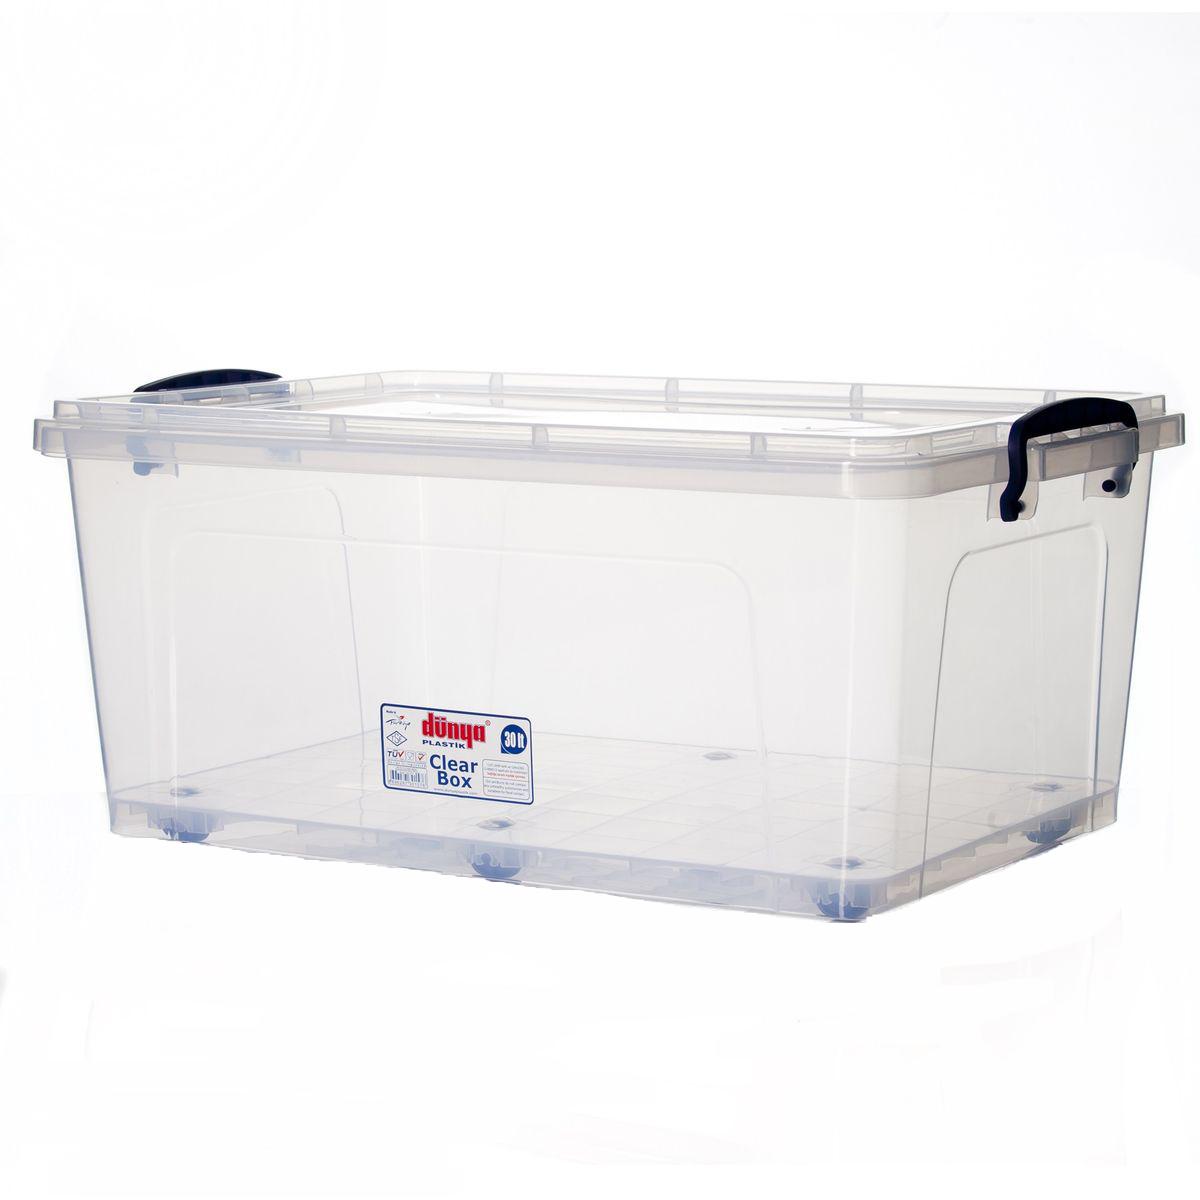 Контейнер Dunya Plastik Clear Box, цвет: прозрачный, синий, 30 л30157Контейнер Dunya Plastik Clear Box выполнен из прочного пластика. Он предназначен для хранения различных вещей. Крышка легко открывается и плотно закрывается. Прозрачные стенки позволяют видеть содержимое. По бокам предусмотрены две удобные ручки, с помощью которых контейнер закрывается. Изделие оснащено колесиками для удобства транспортировки. Контейнер поможет хранить все в одном месте, а также защитить вещи от пыли, грязи и влаги. Размер контейнера (с учетом крышки): 55 см х 37 см. Высота (с учетом крышки): 23 см. Объем: 30 л.